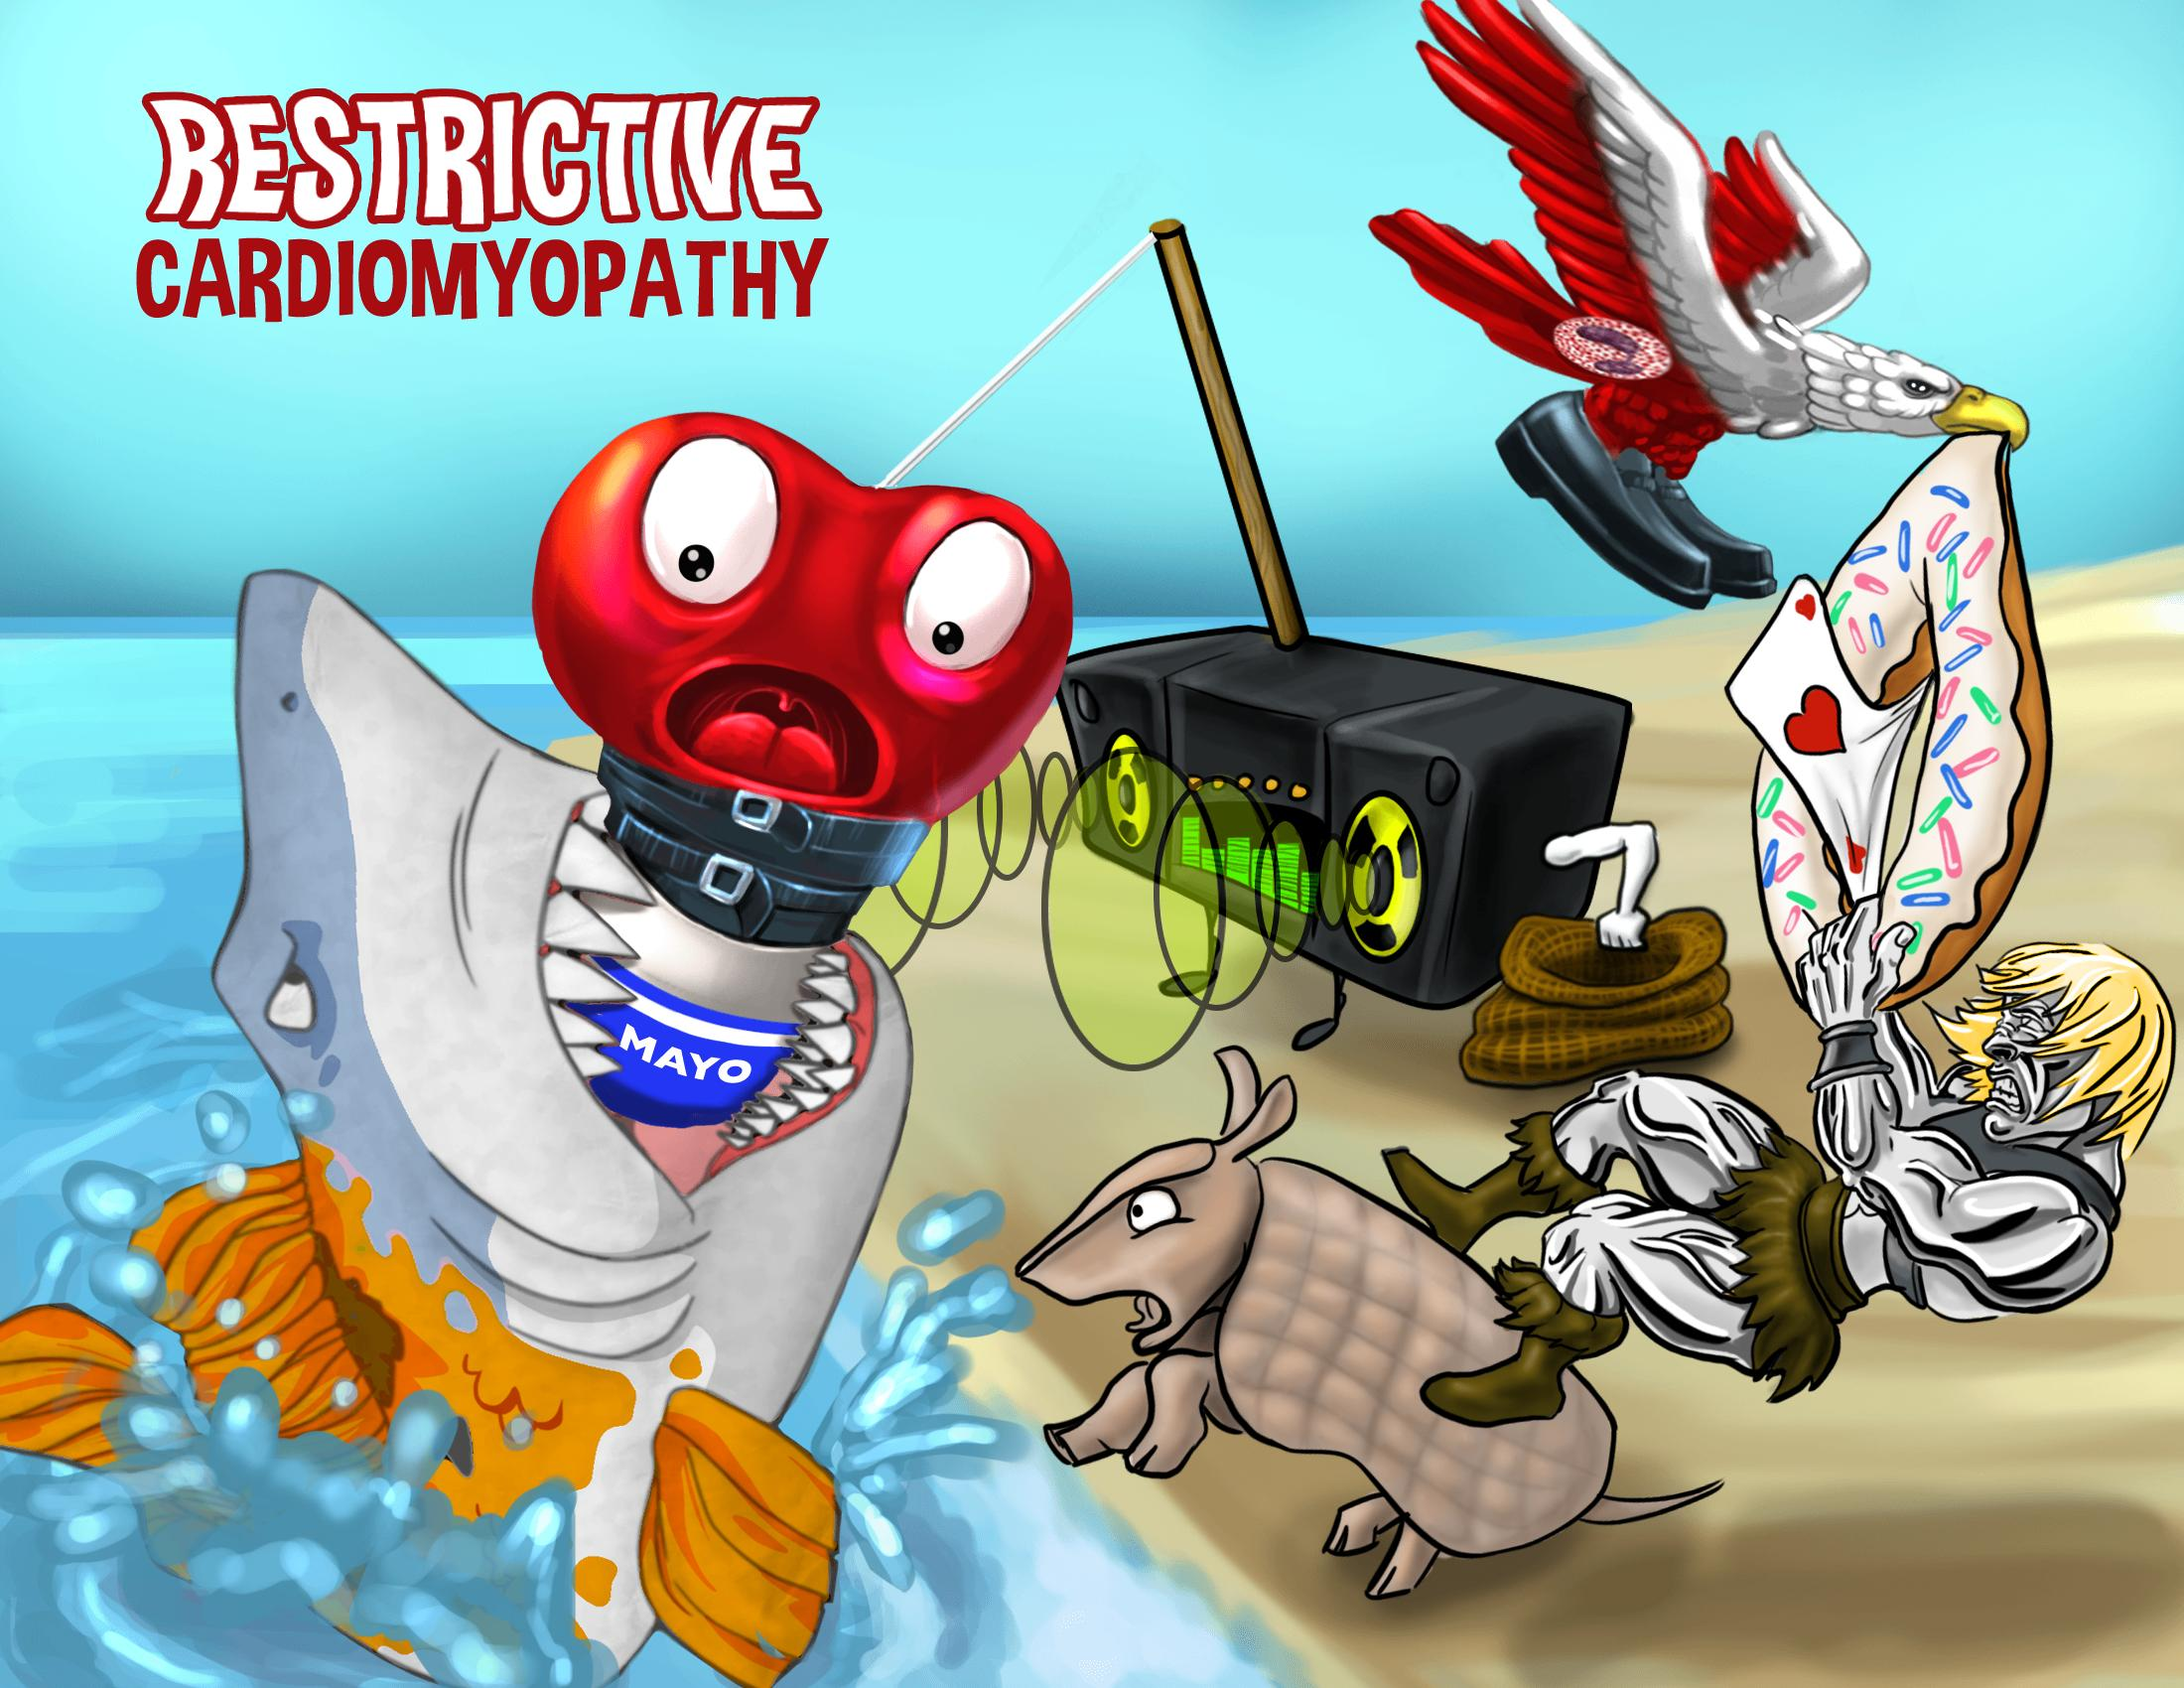 Restrictive Cardiomyopathy